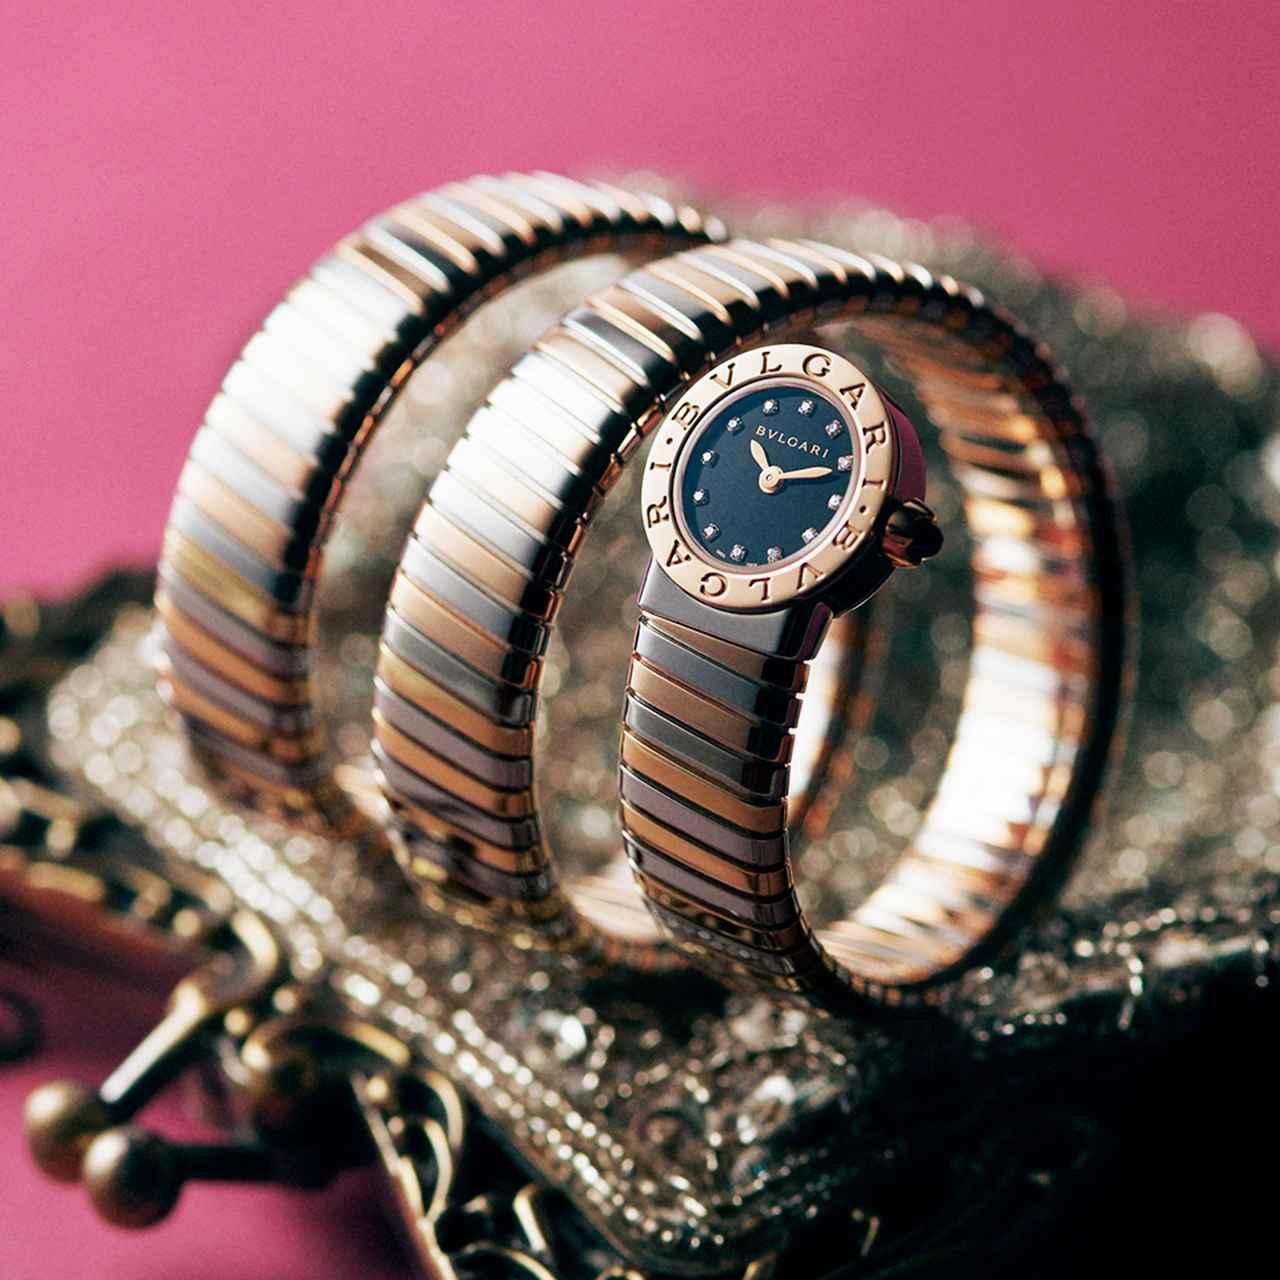 Images : 3番目の画像 - 「セレブに愛された時計」のアルバム - T JAPAN:The New York Times Style Magazine 公式サイト